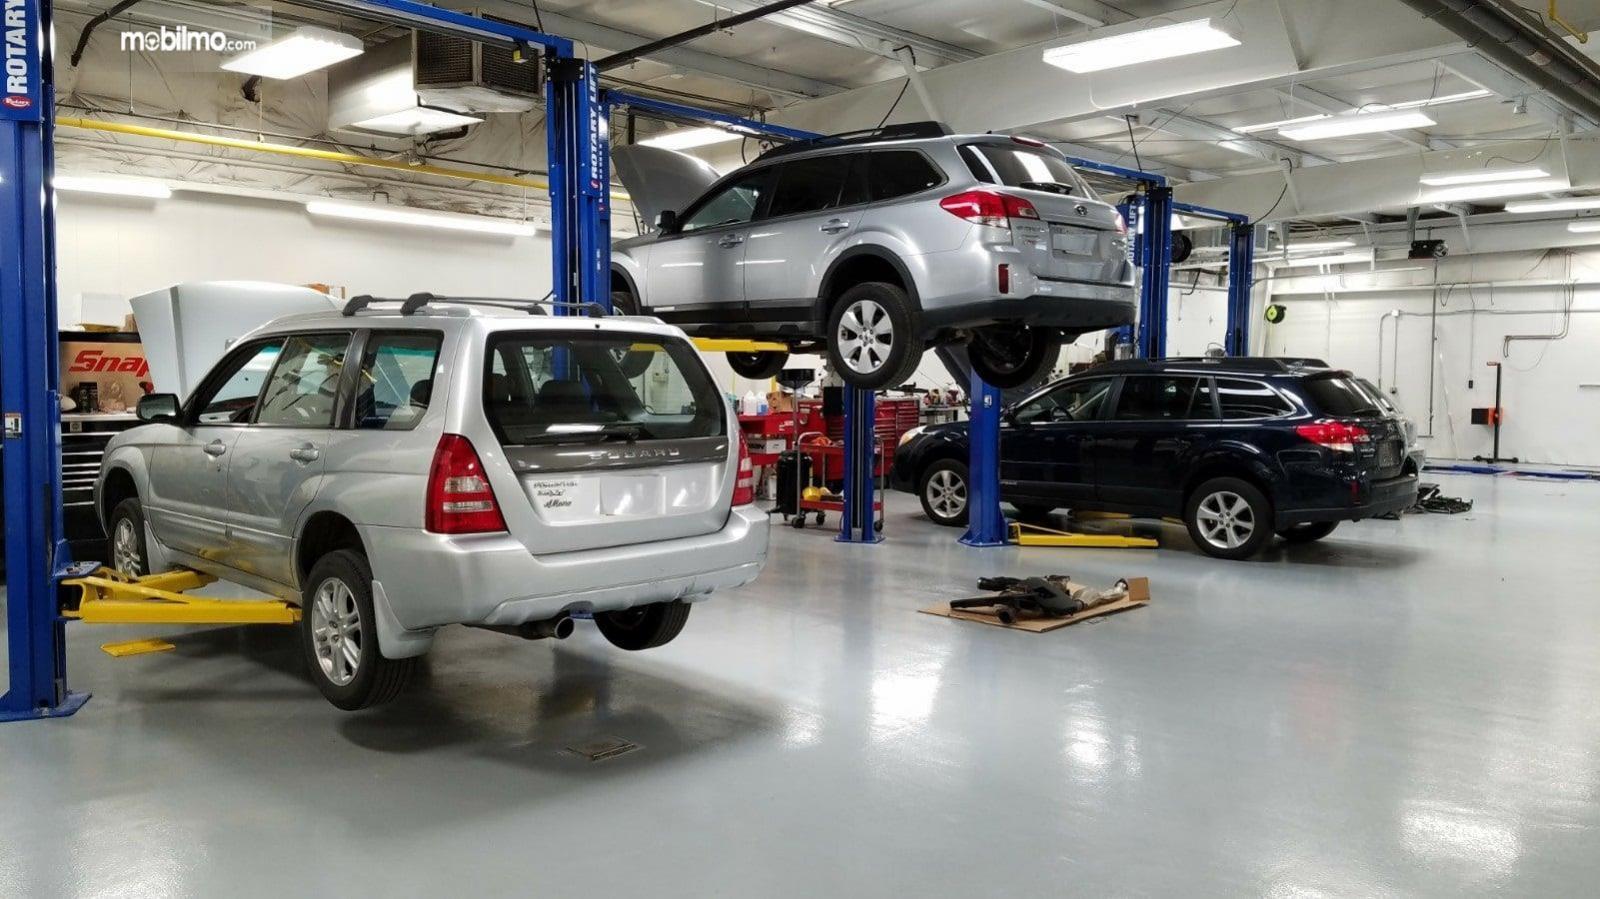 Foto menunjukkan beberapa mobil Subaru sedang dalam proses servis